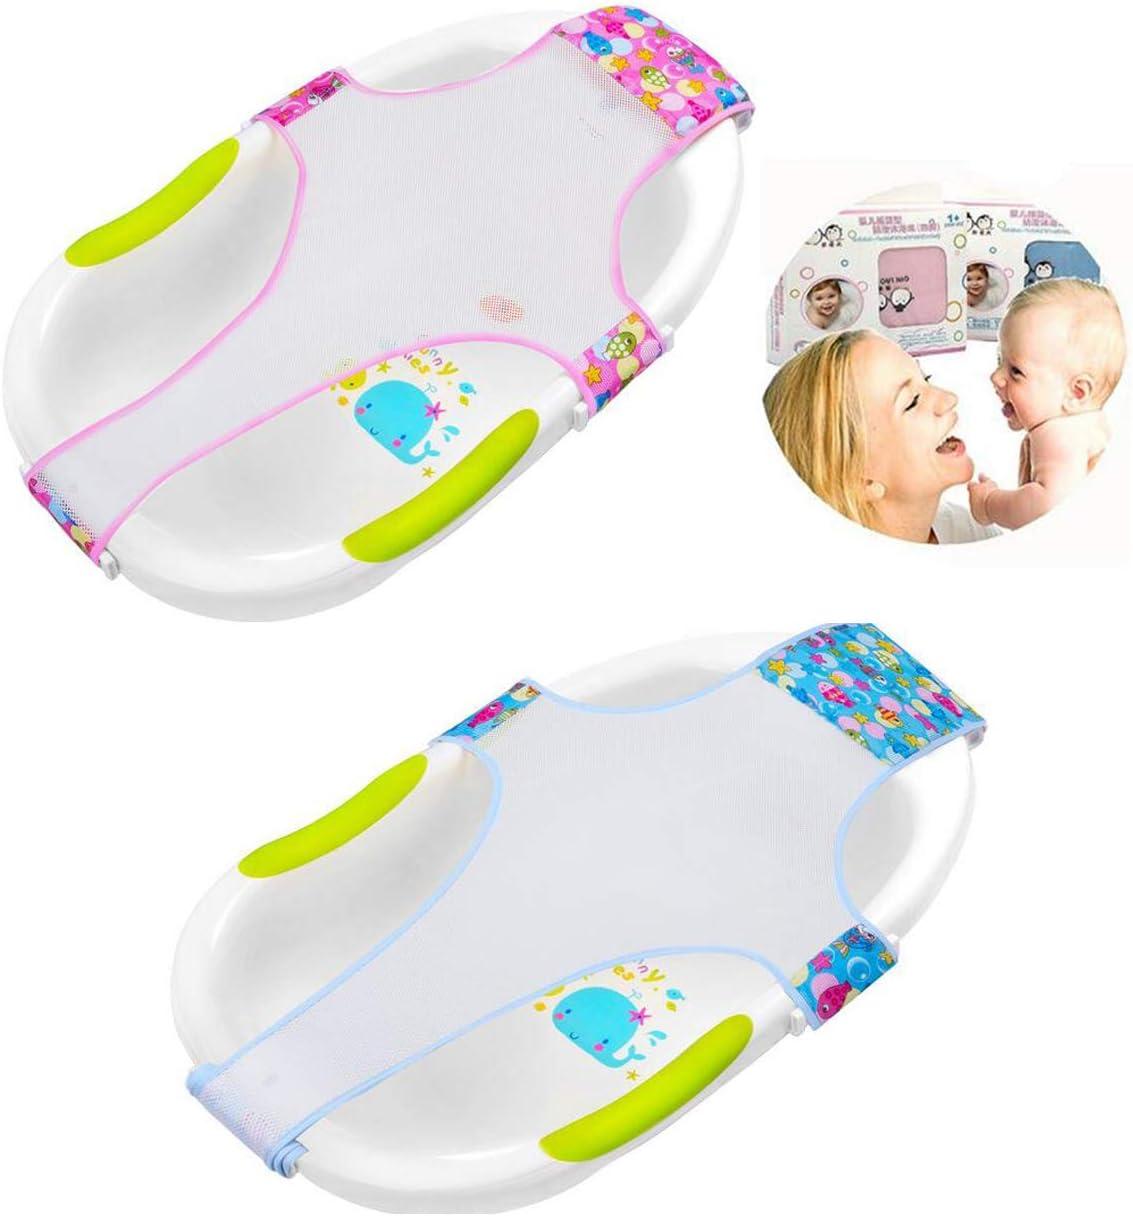 Biluer 2PCS Bañera Bebe Recién Nacido Ajustable Versátil Antideslizante Bebé Soporte Para El Baño Para Bebés De Ducha De Malla De Bañ Accesorios De Baño Rojo And Azul